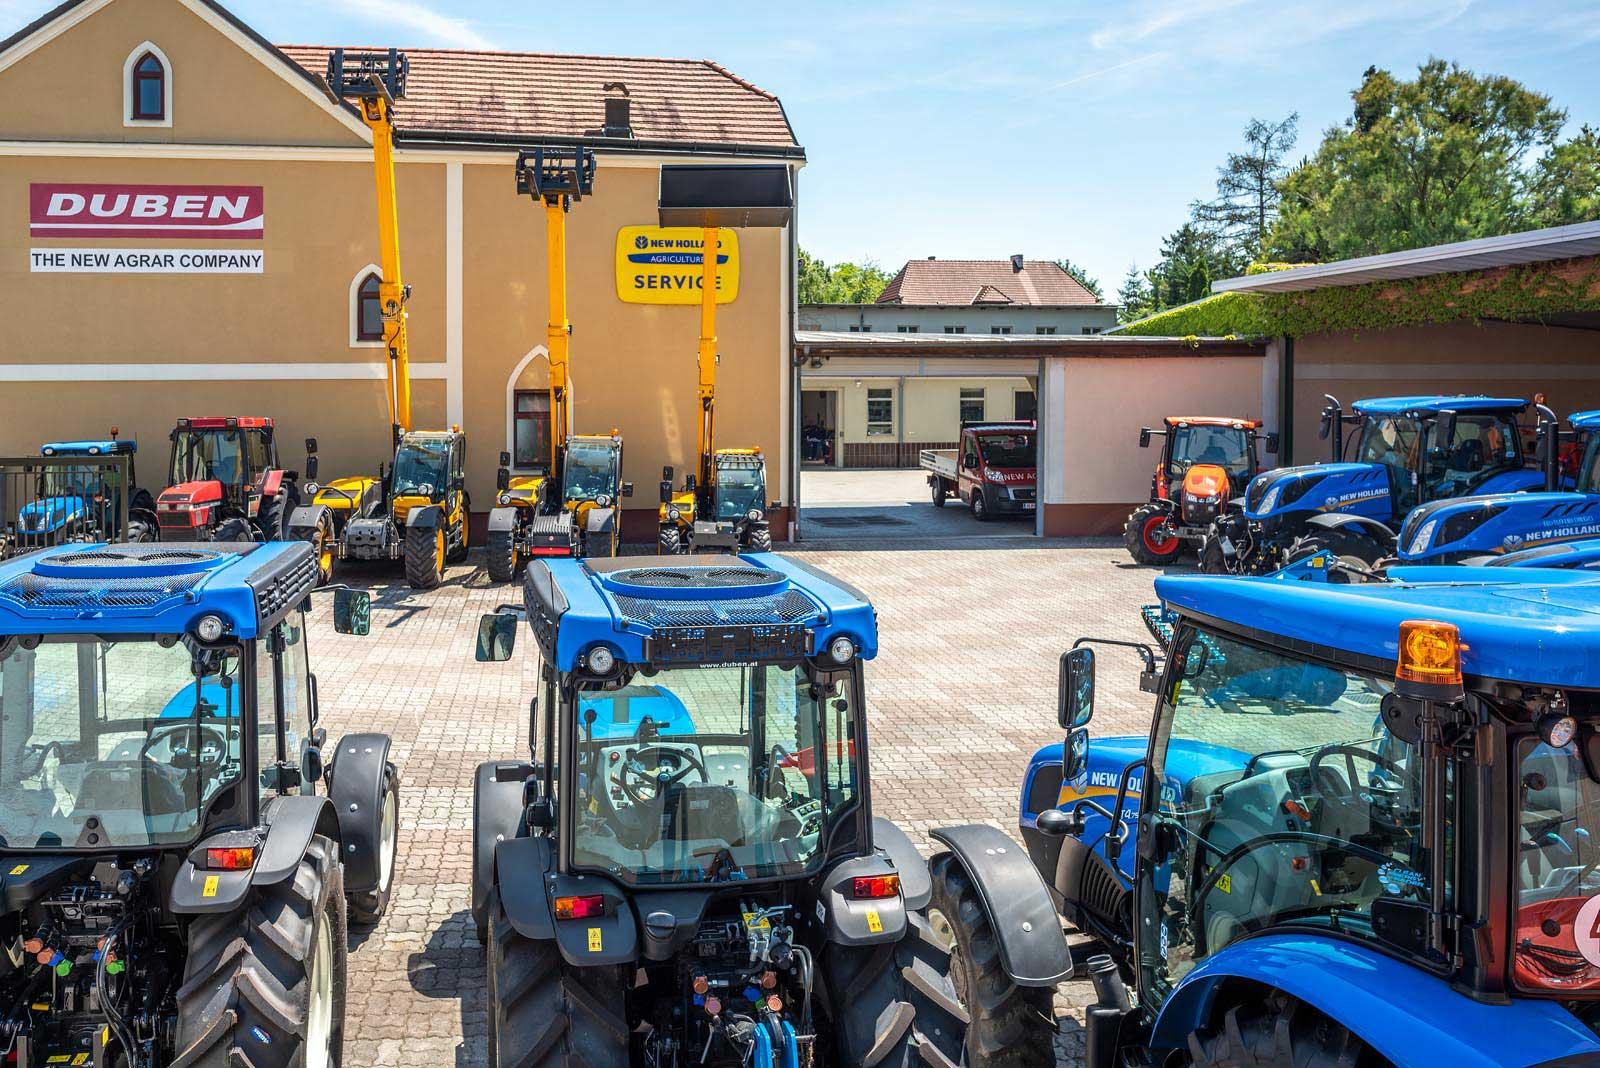 Der Ausstellungsplatz in Ziersdorf. © Reinhard Podolsky